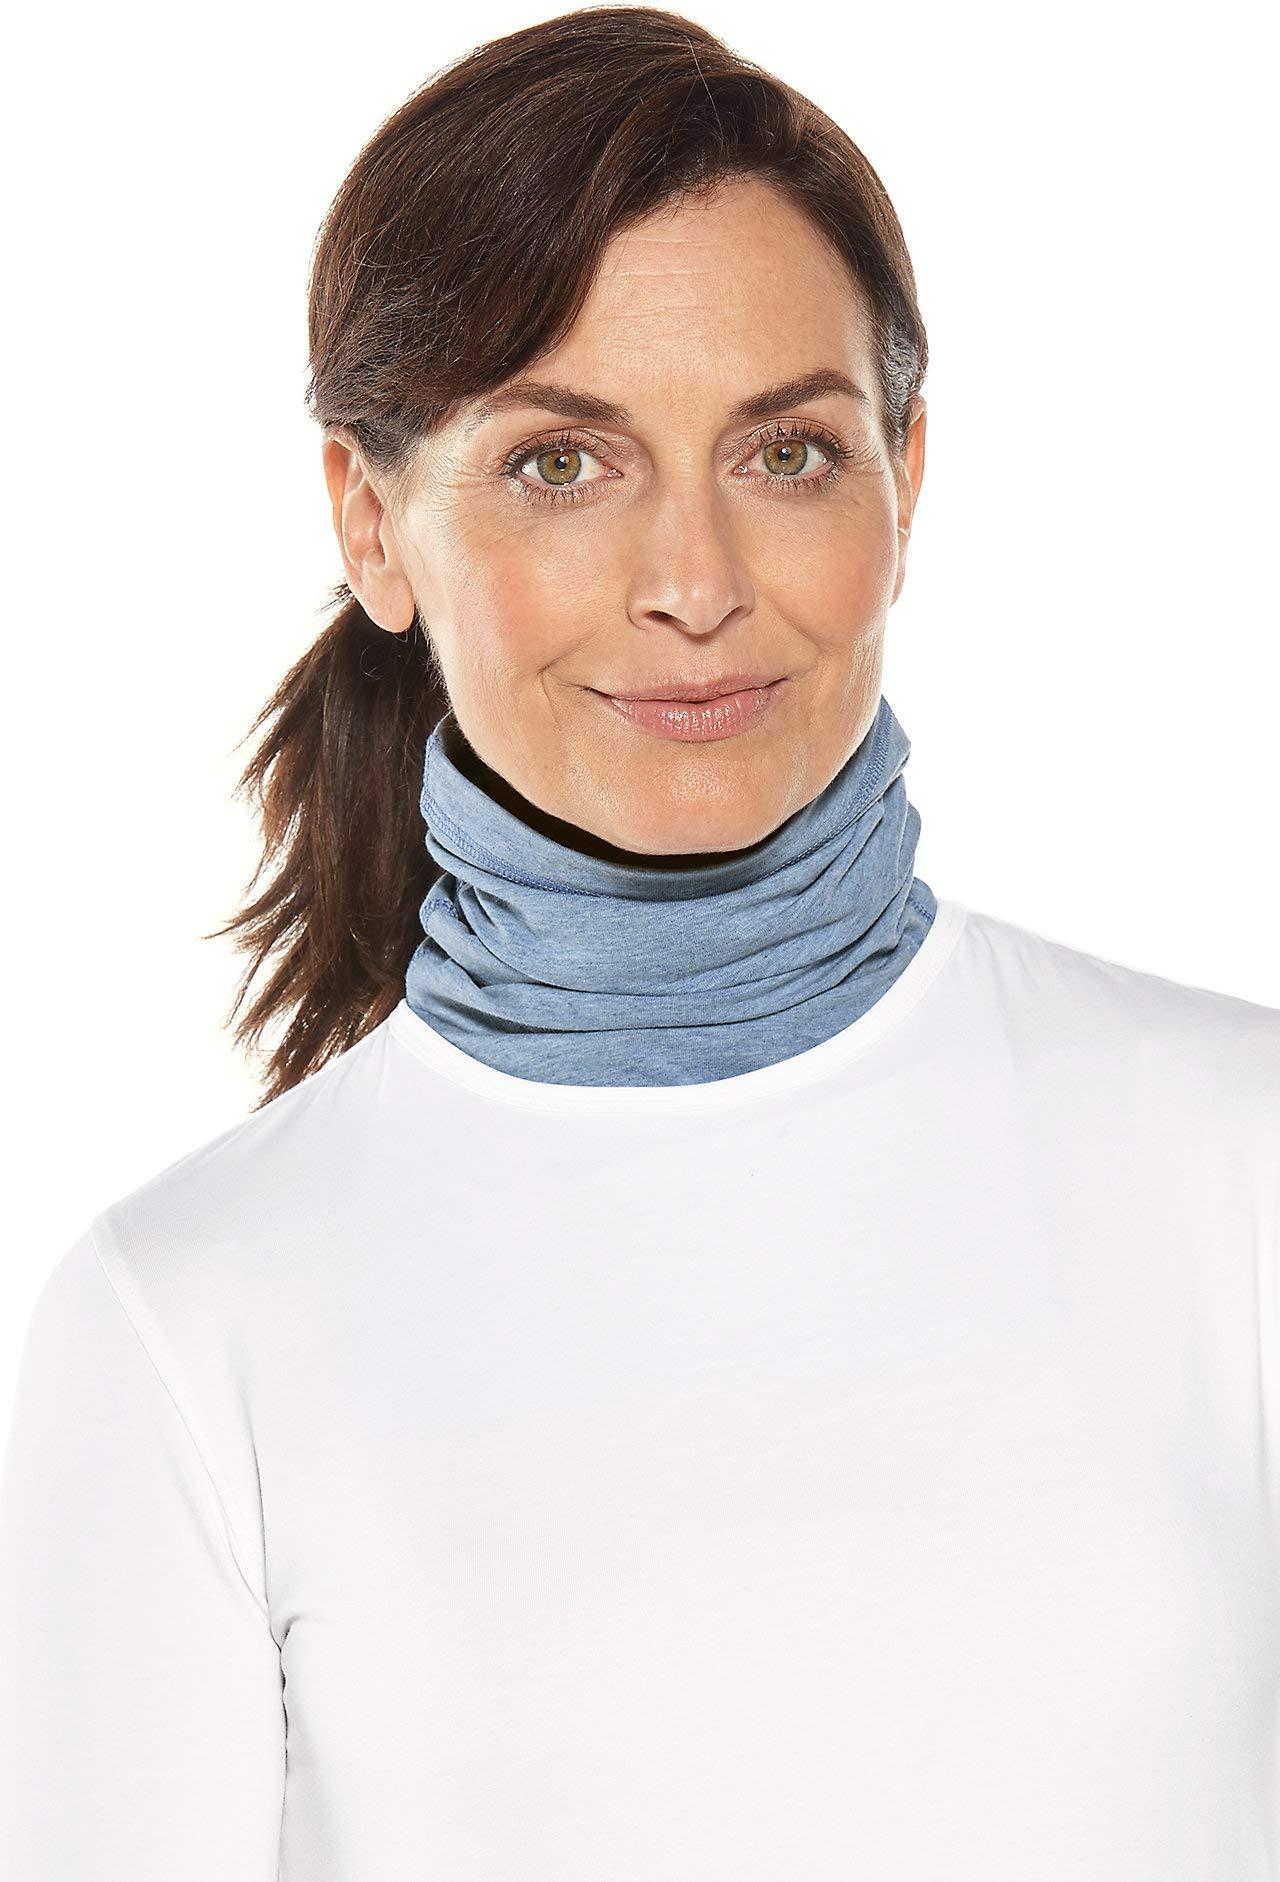 Coolibar UPF 50+ Unisex Sun Neck Gaiter - Sun Protective (Small/Medium- Light Blue Heather)